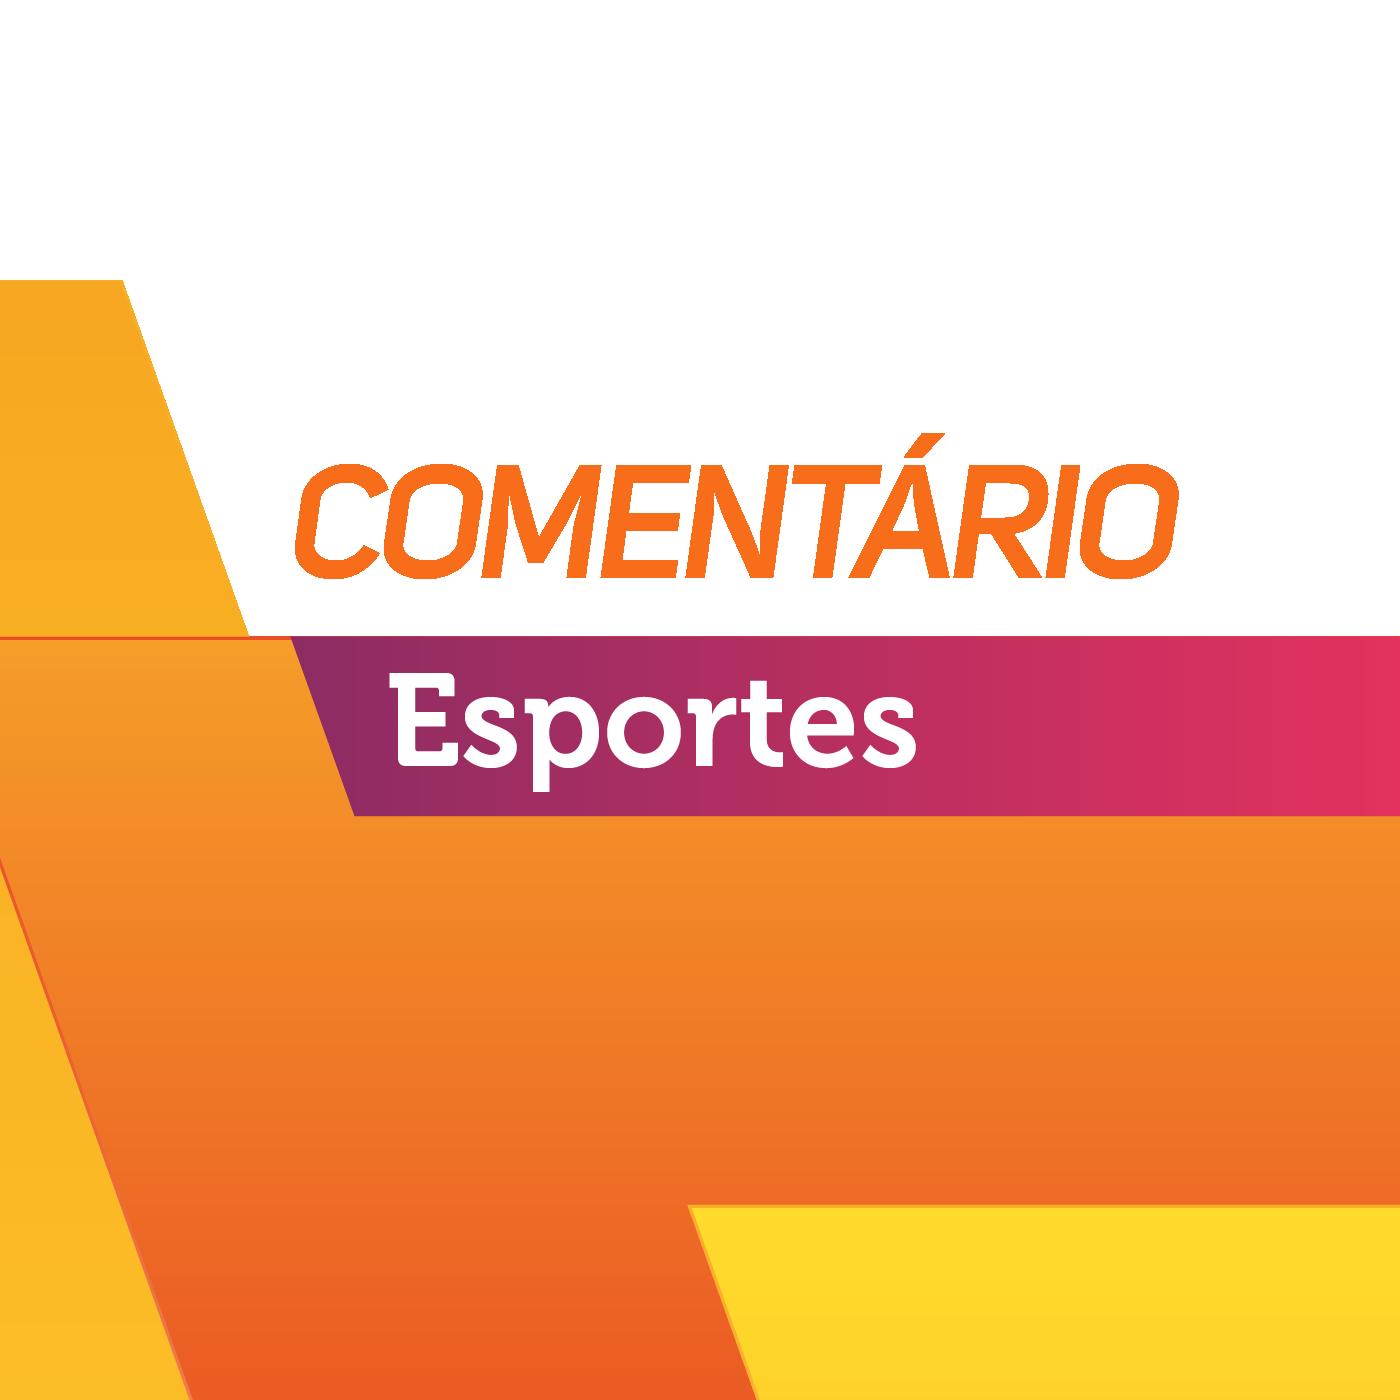 Cleber Grabauska comenta futebol no Gaúcha Repórter 26/04/2017